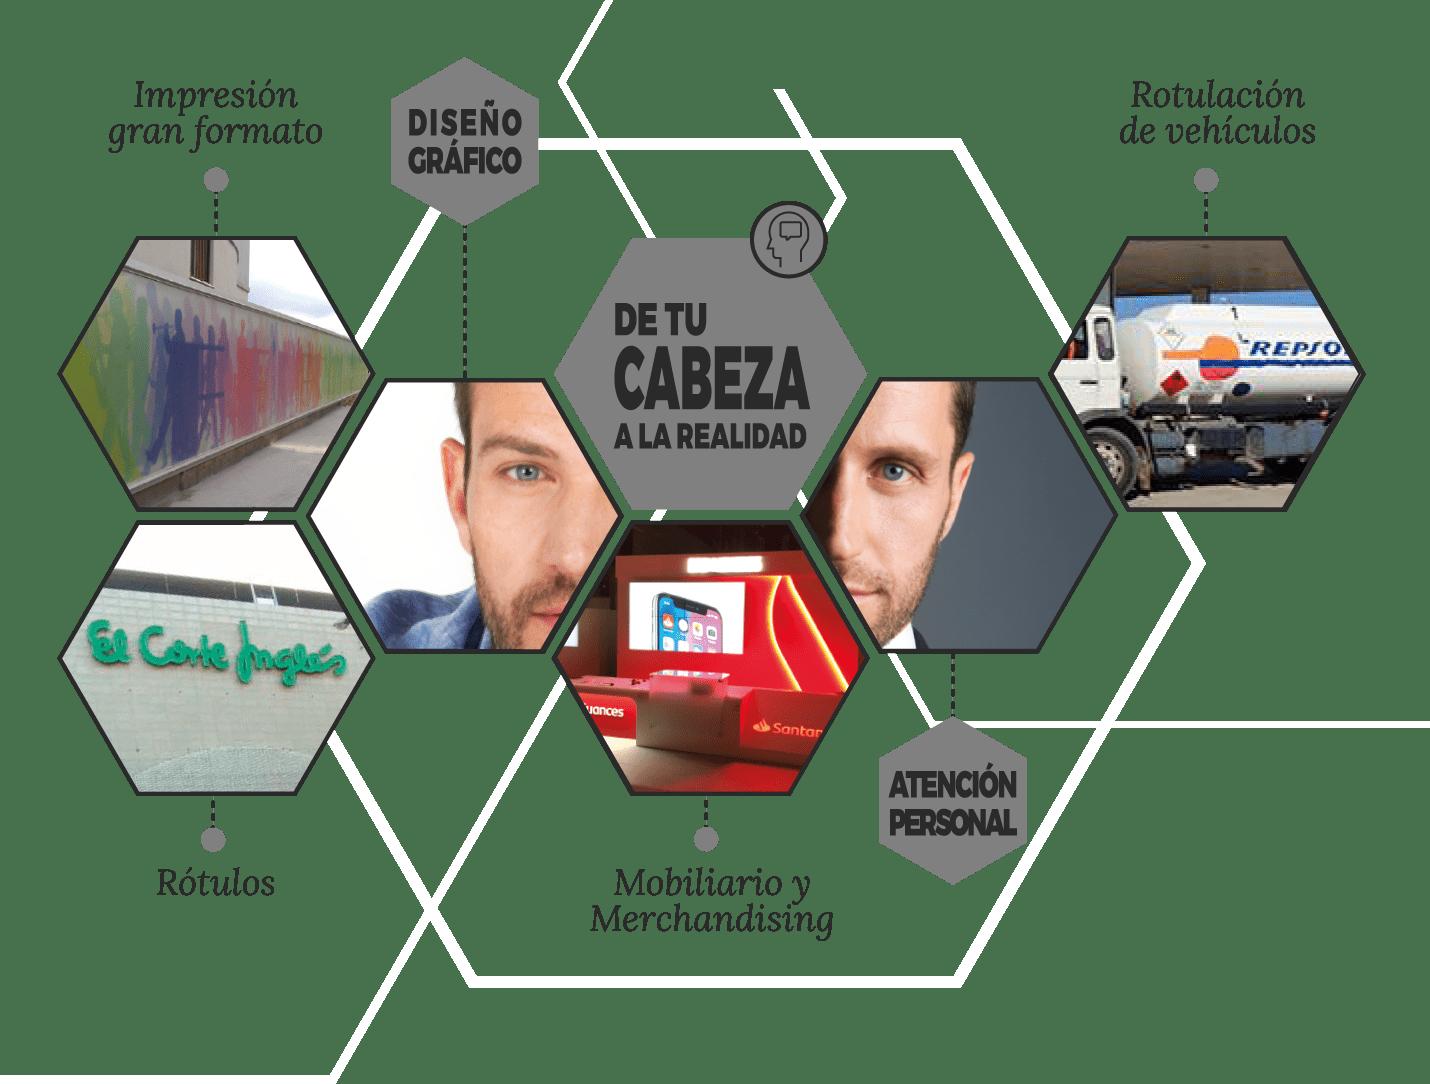 PARGON Soluciones Creativas y Publicitarias | Sobre Nosotros